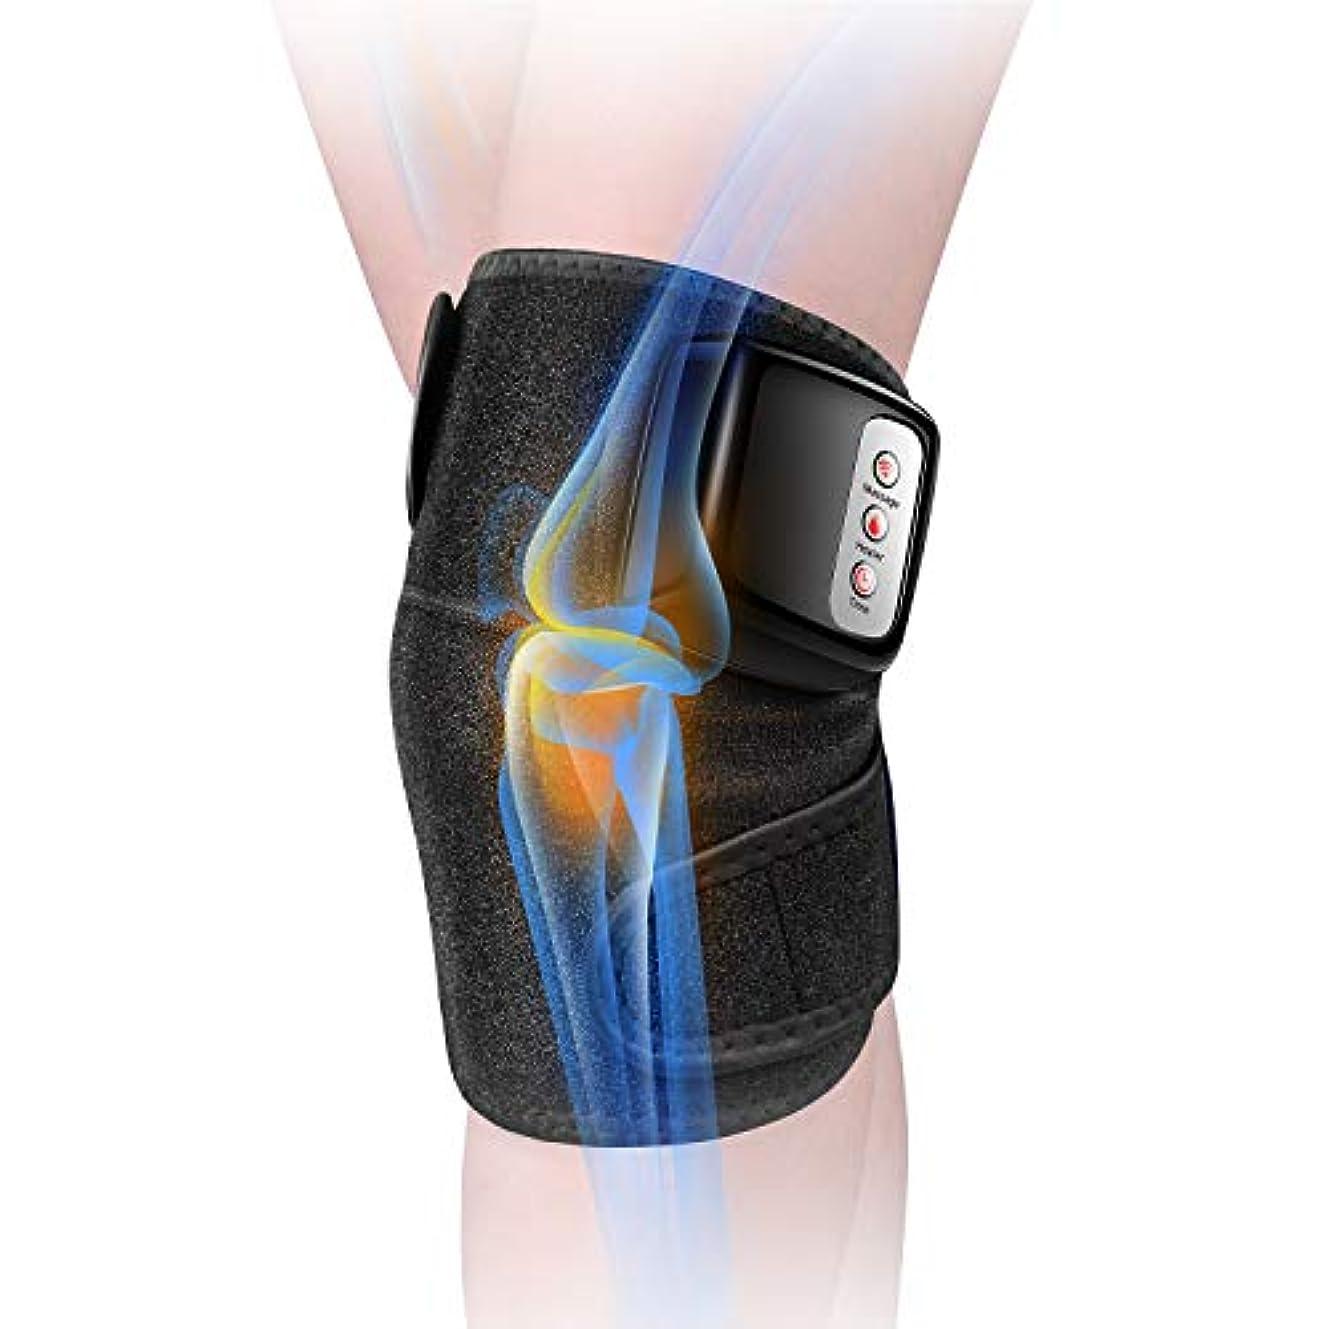 大きさ四西膝マッサージャー 関節マッサージャー マッサージ器 フットマッサージャー 振動 赤外線療法 温熱療法 膝サポーター ストレス解消 肩 太もも/腕対応